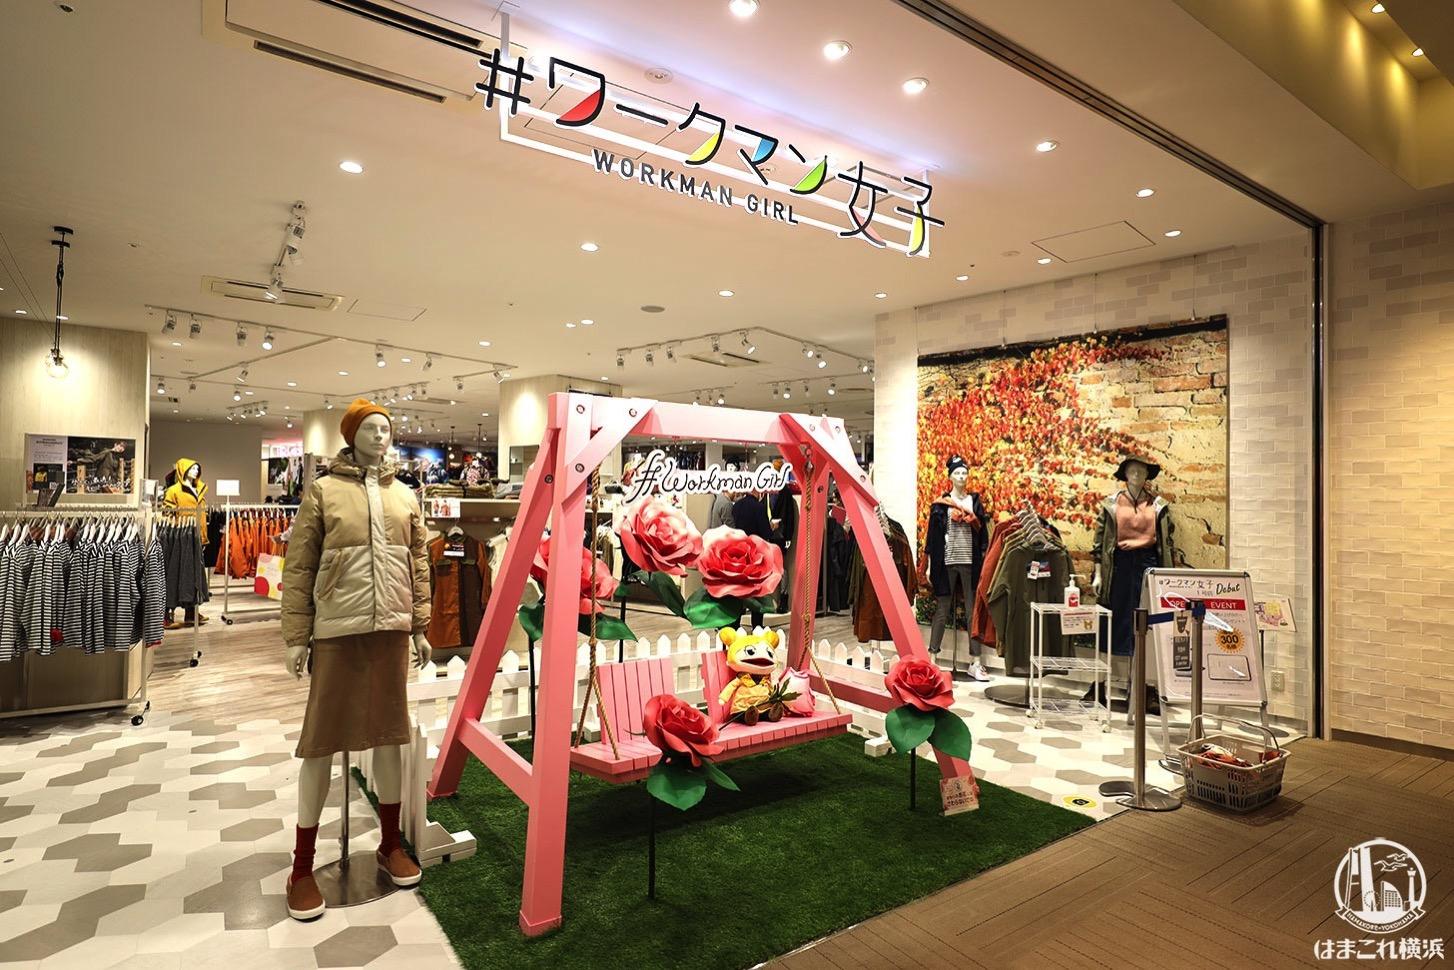 #ワークマン女子が横浜のコレットマーレに!店内特徴や女性向けアイテムなど現地レポ